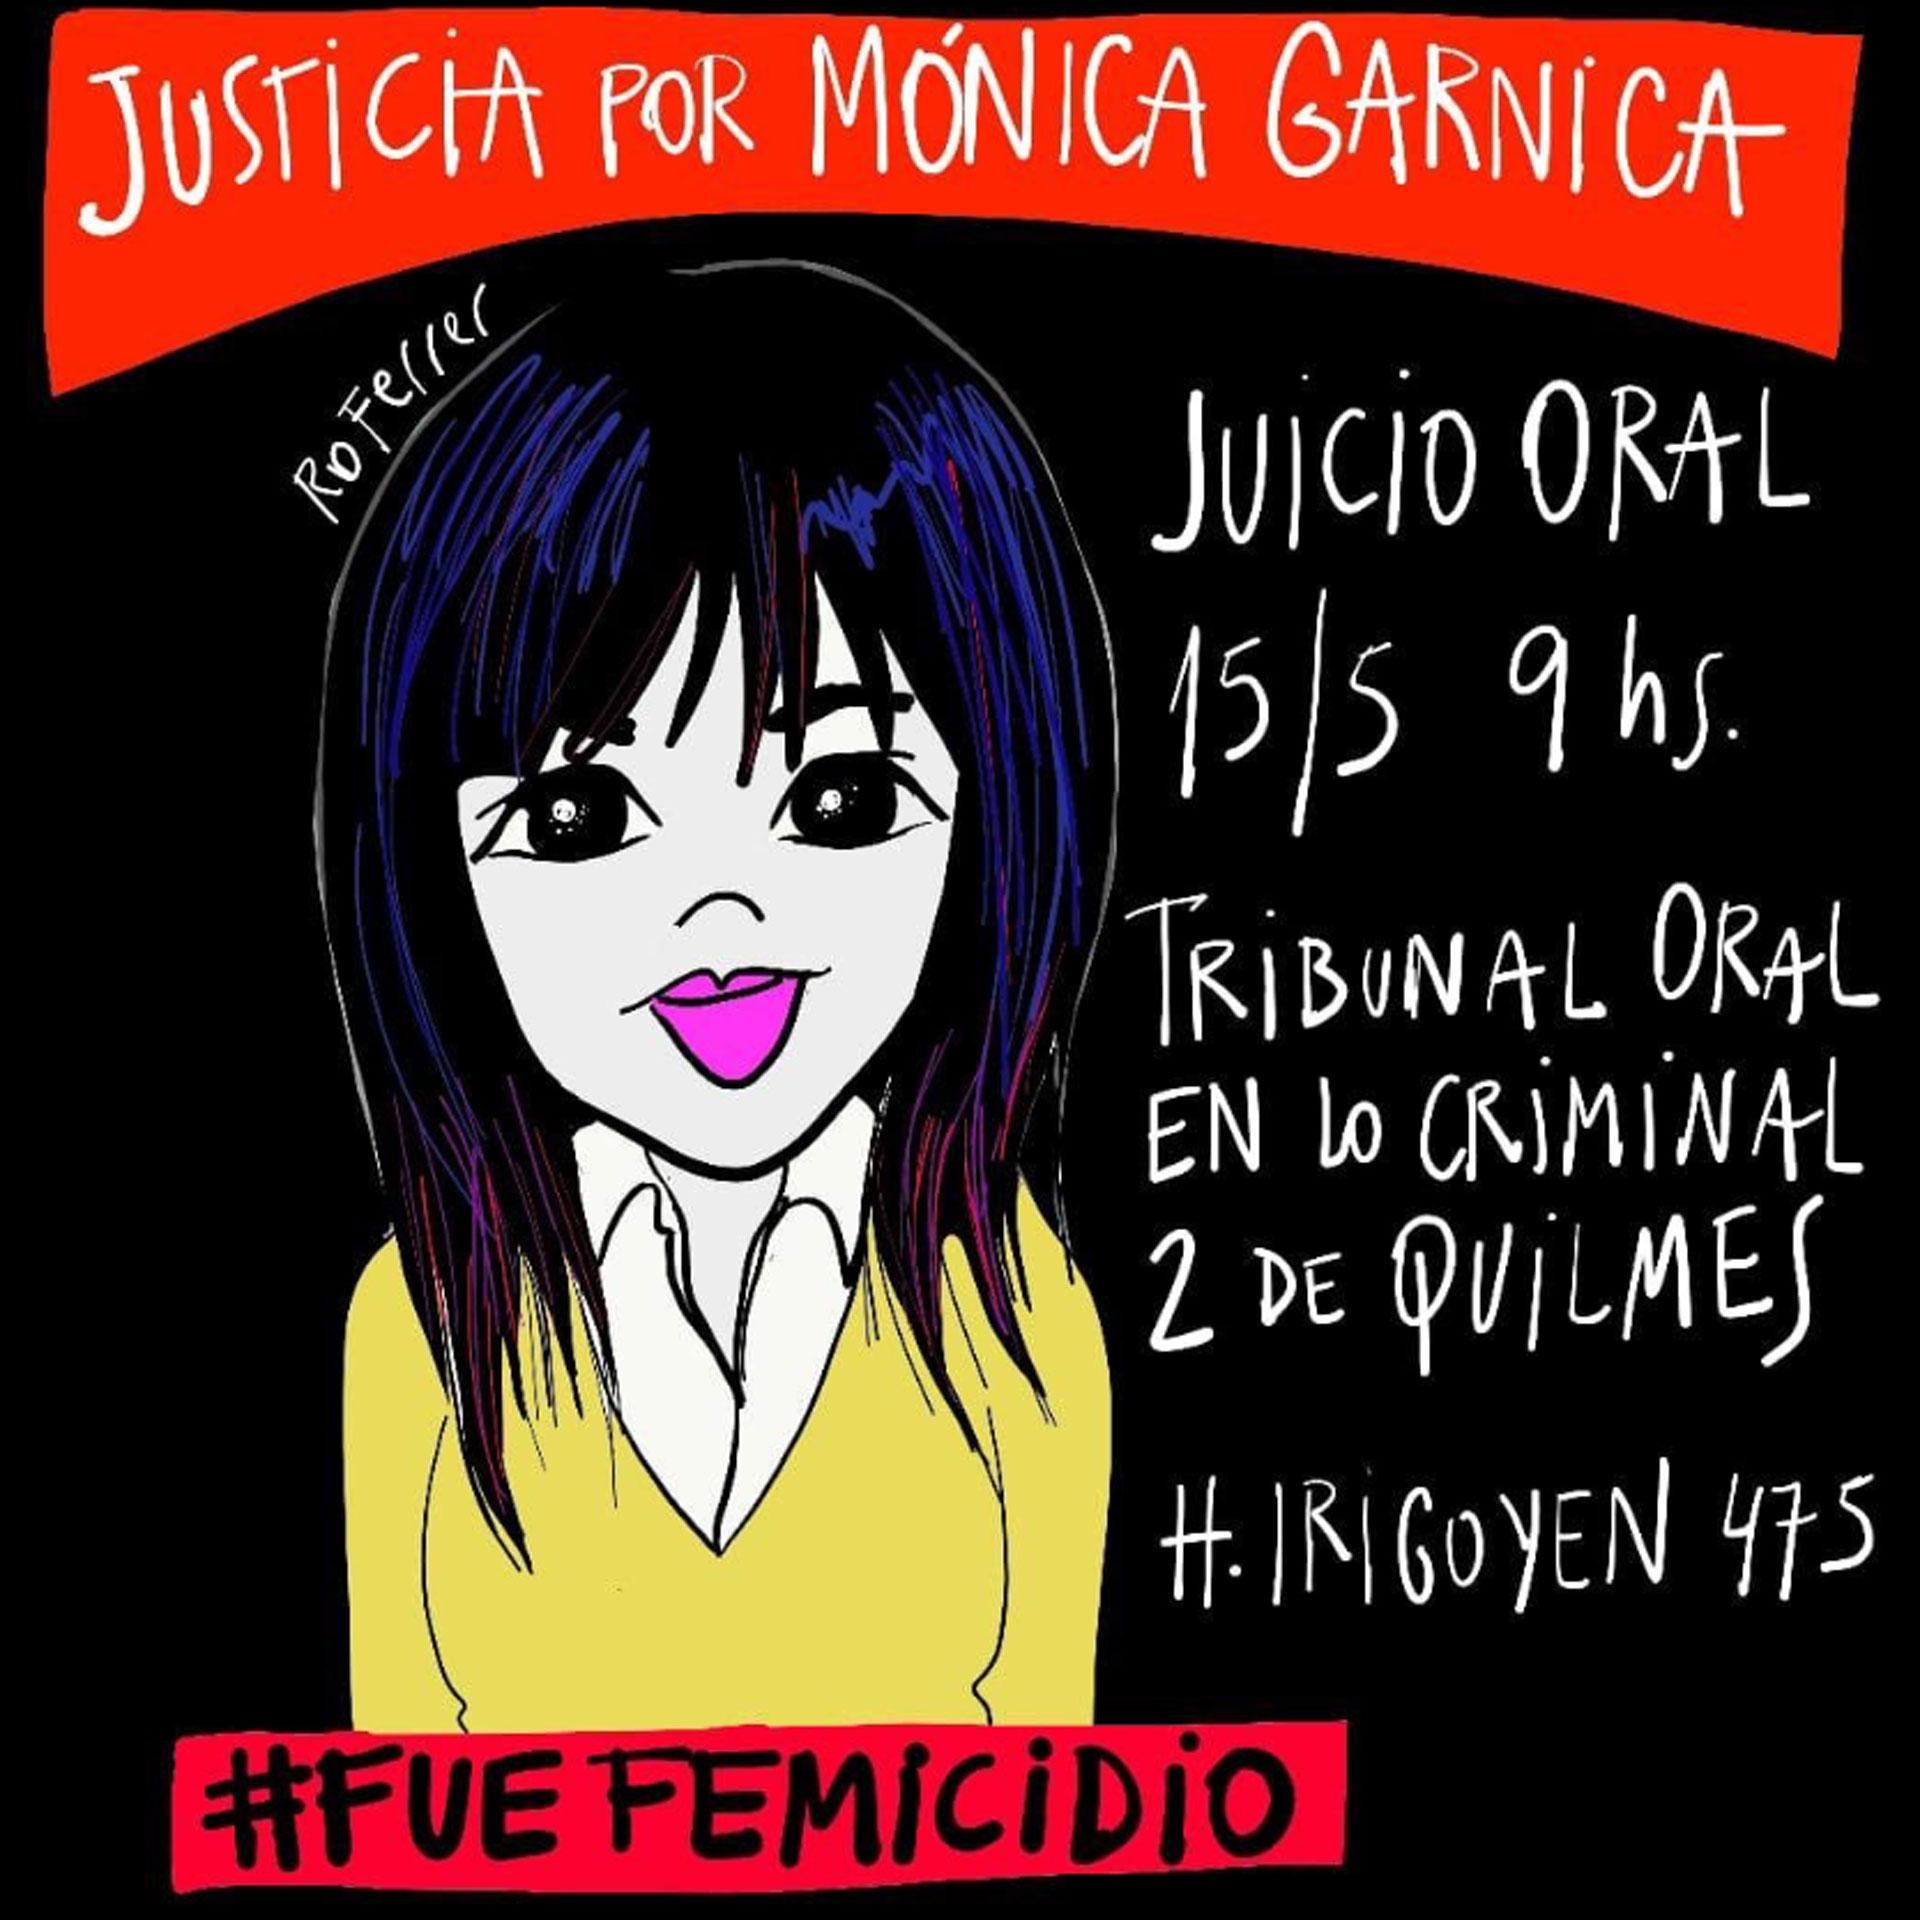 Anuncio del juicio contra Ángel Saracho (@DipMiguelFunes)